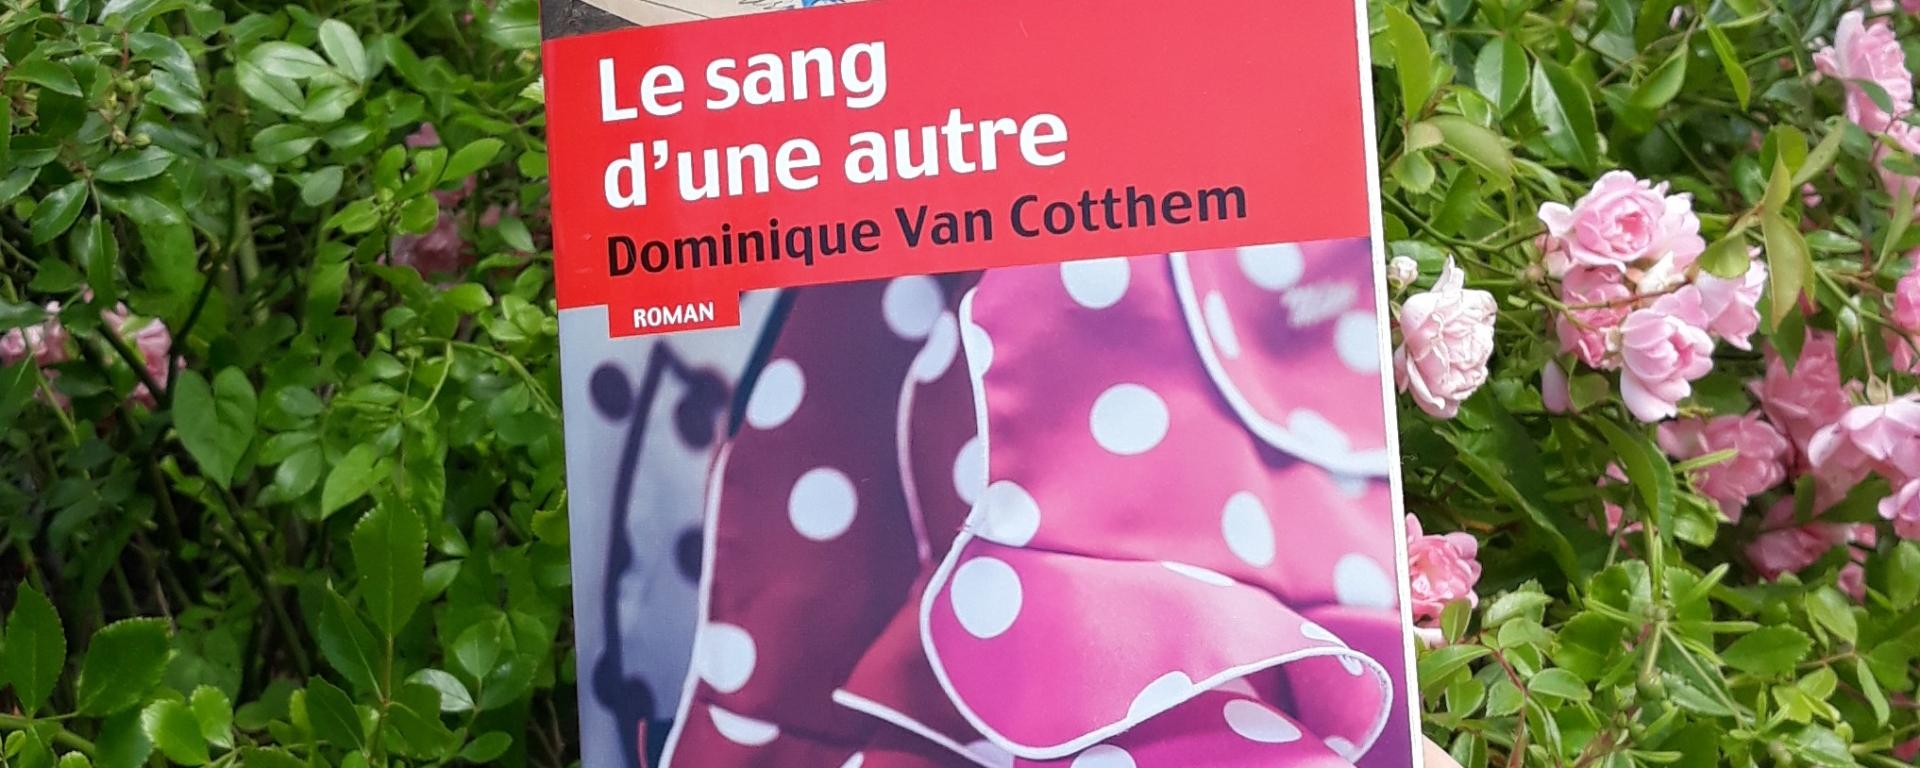 Le sang d'une autre de Dominique Van Cotthem